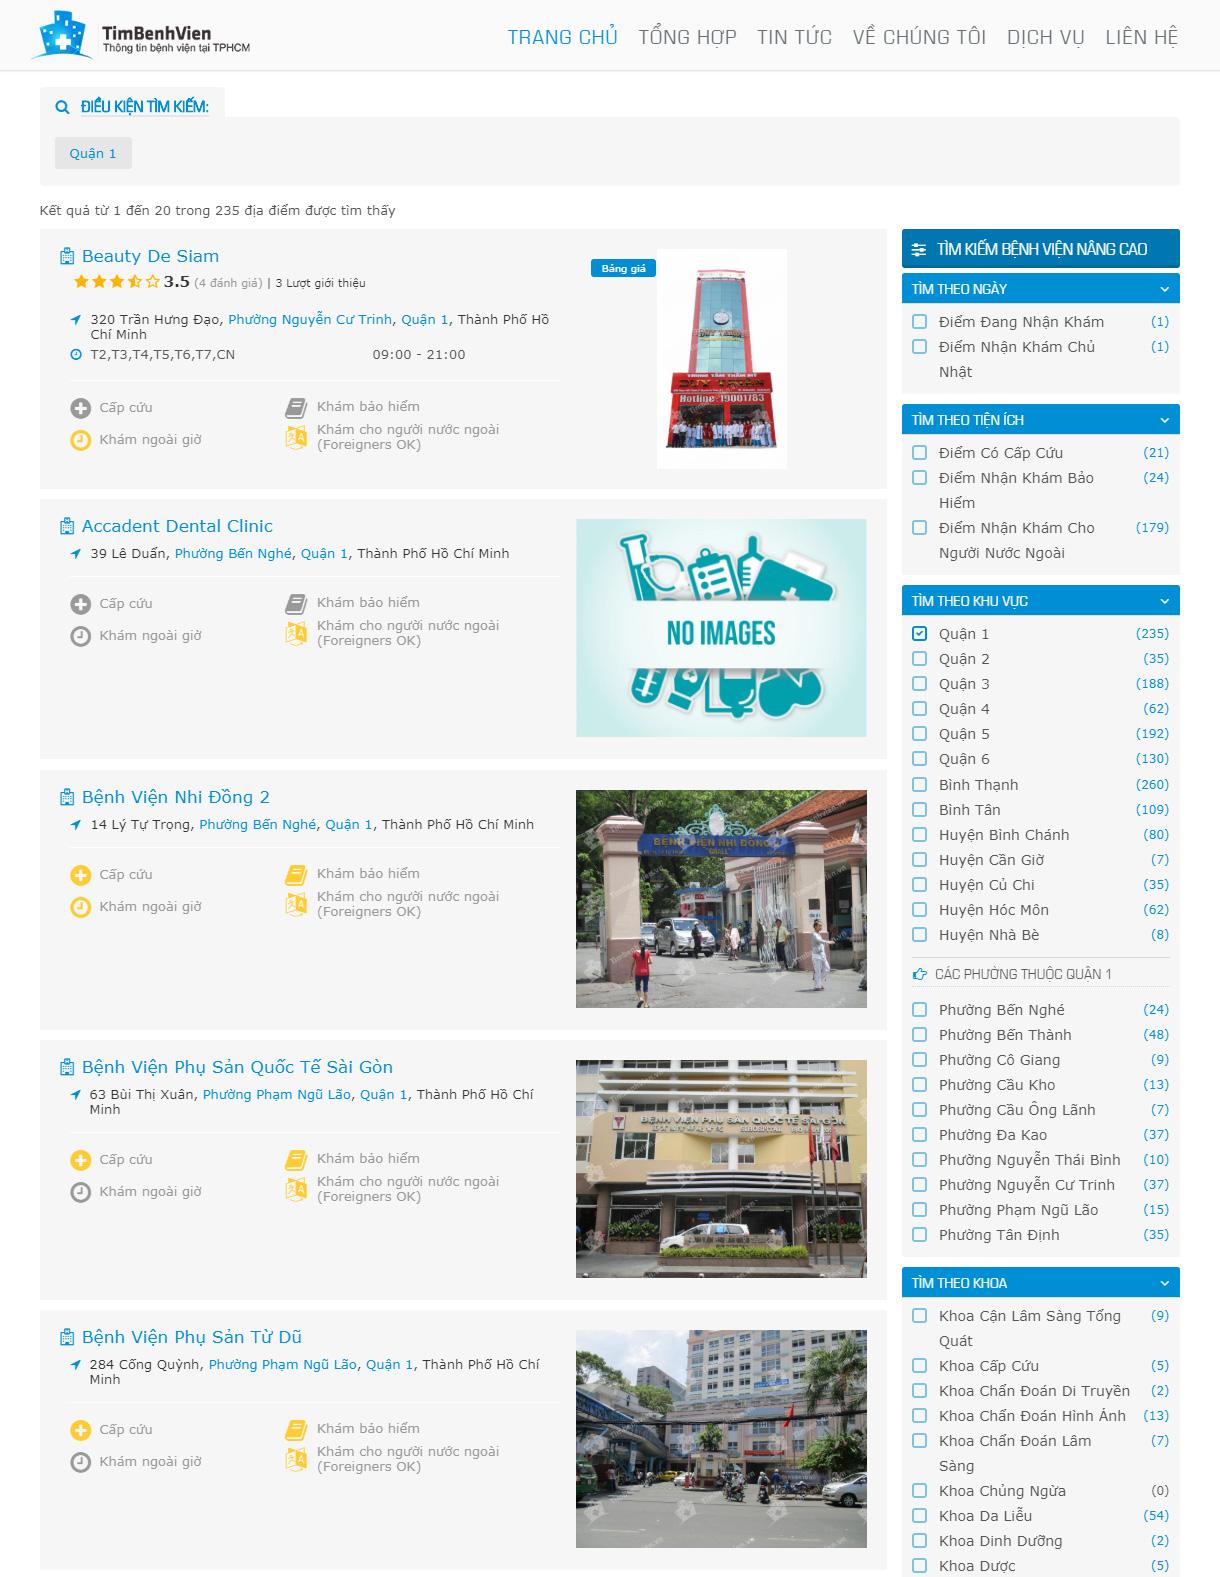 Kết quả tìm kiếm hiển thị đầy đủ theo nhu cầu khách hàng